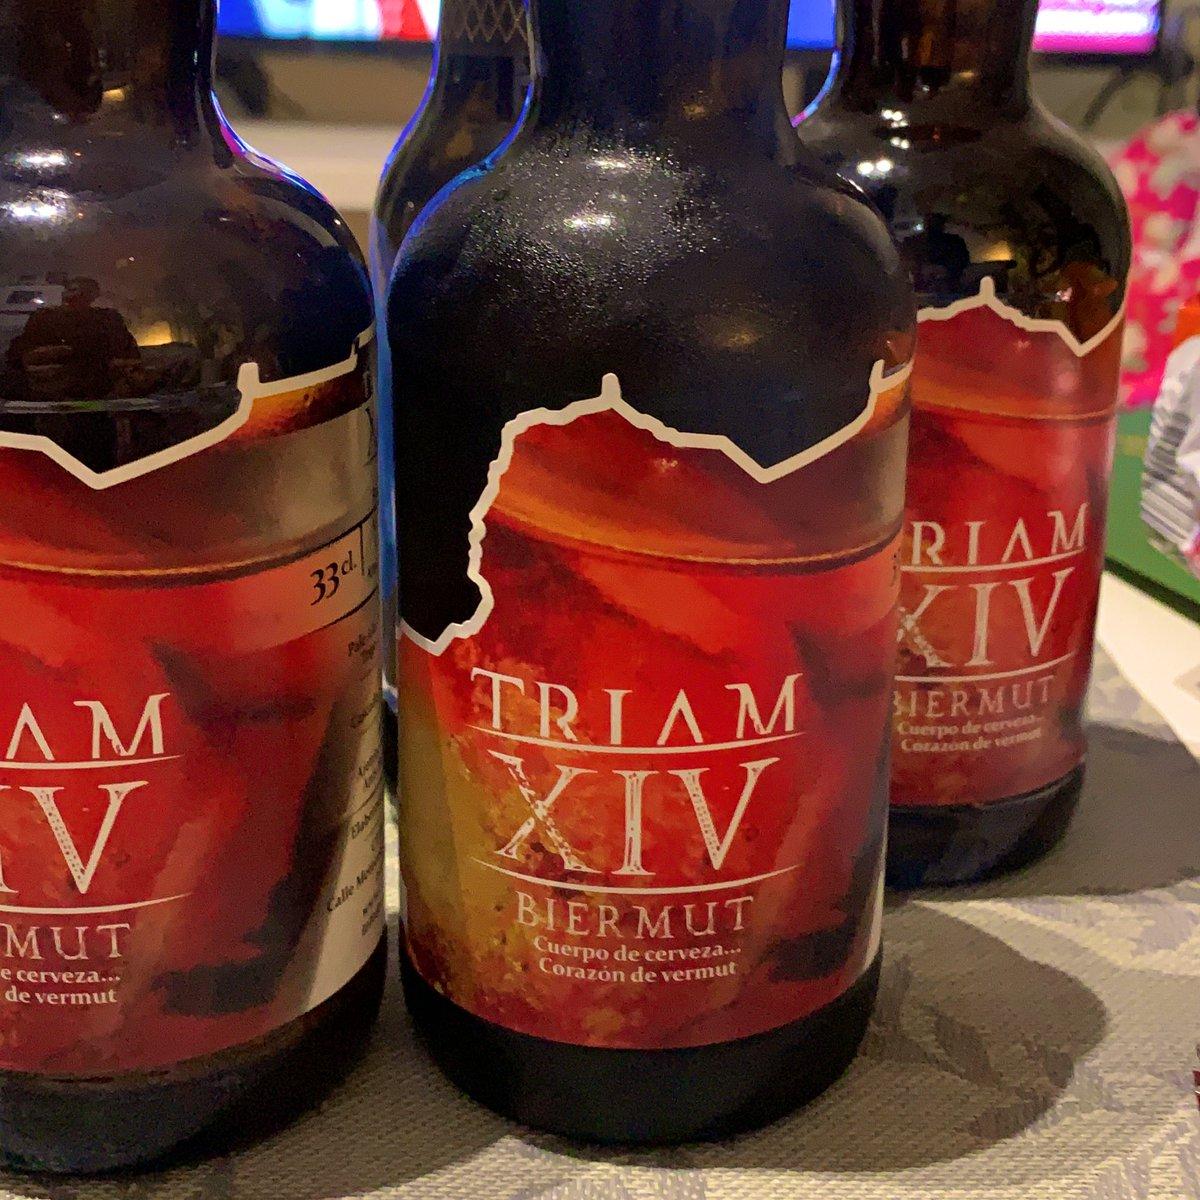 Posiblemente la mejor cerveza de Alicante... 😚 https://t.co/h16gPROTSj